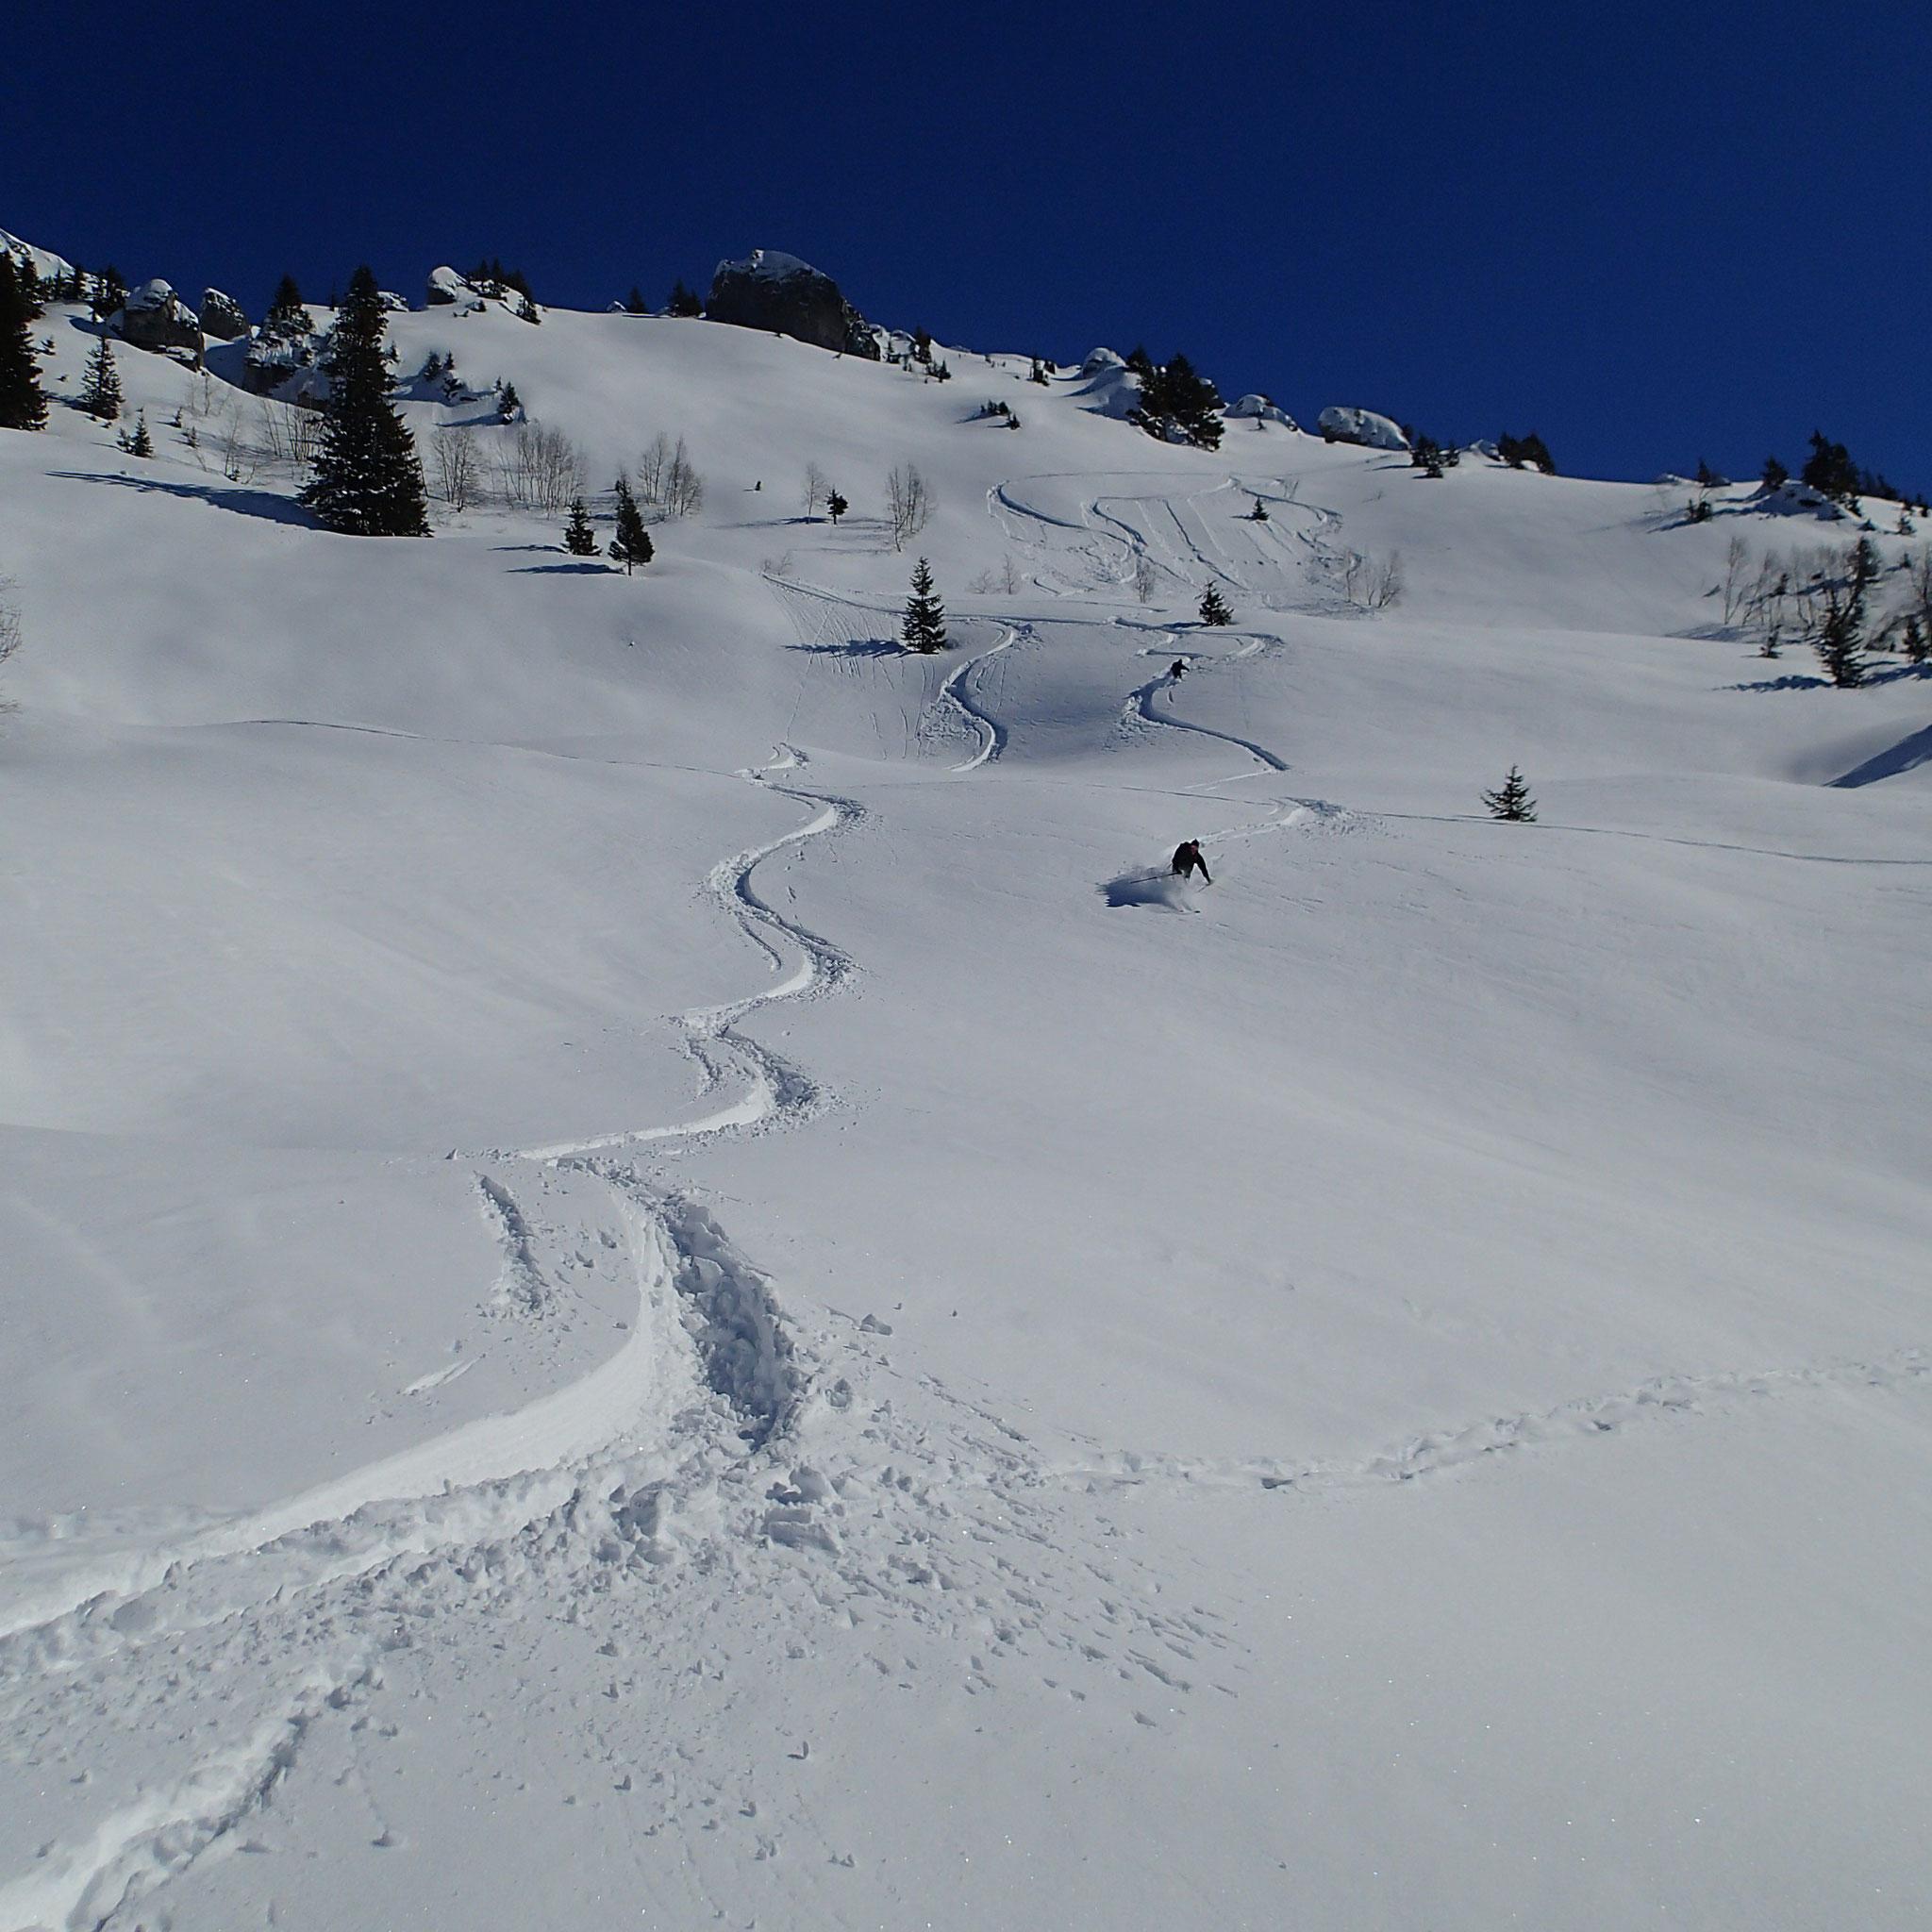 Une neige magnifique à skier !!